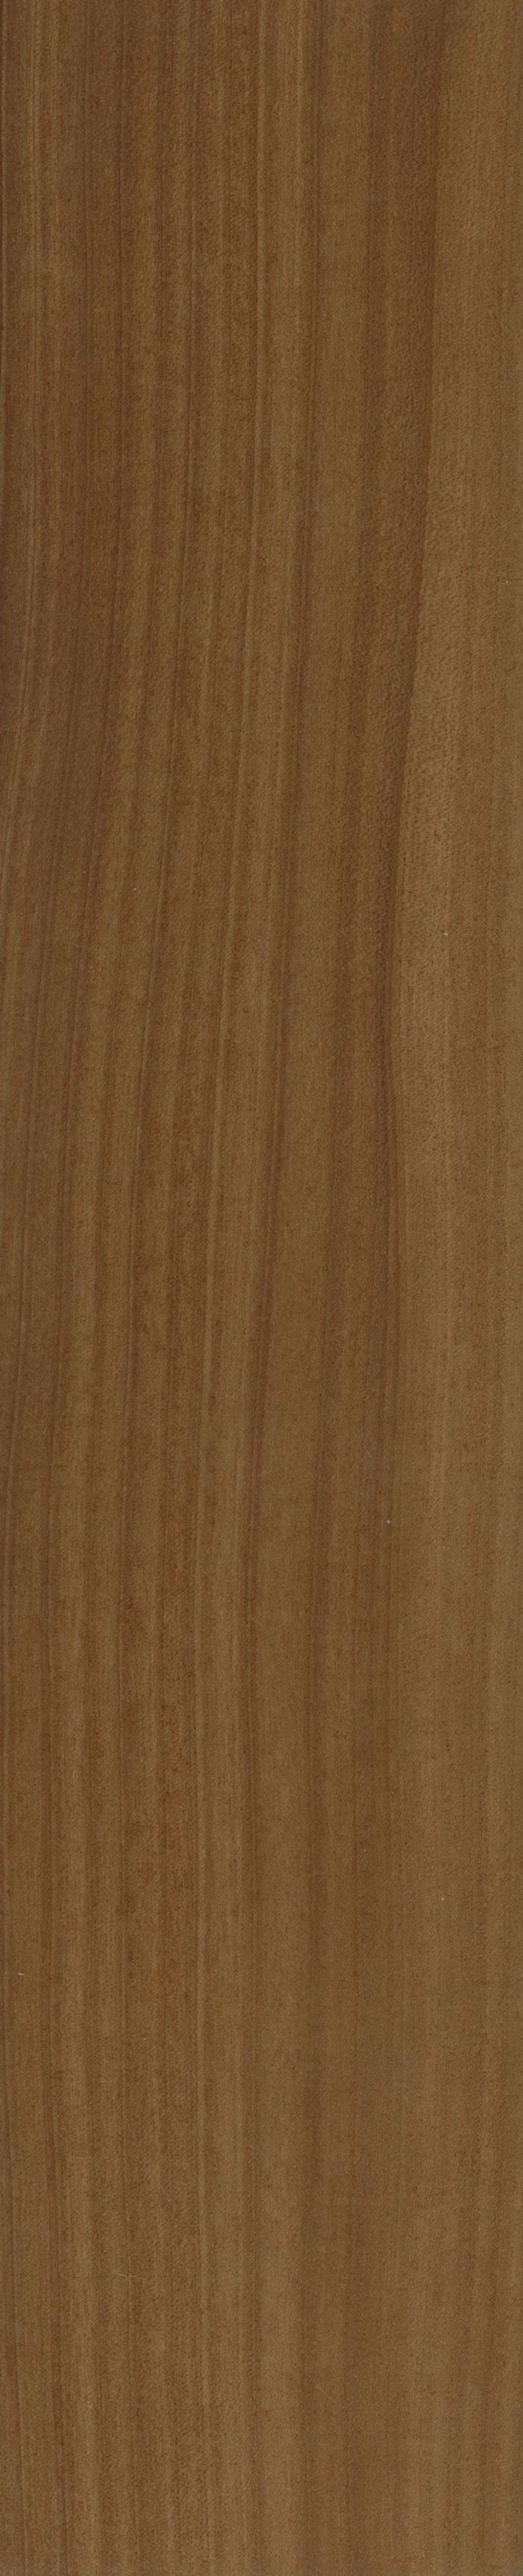 艺术木板贴图jpg-(图片编号:9910082)-设计宝